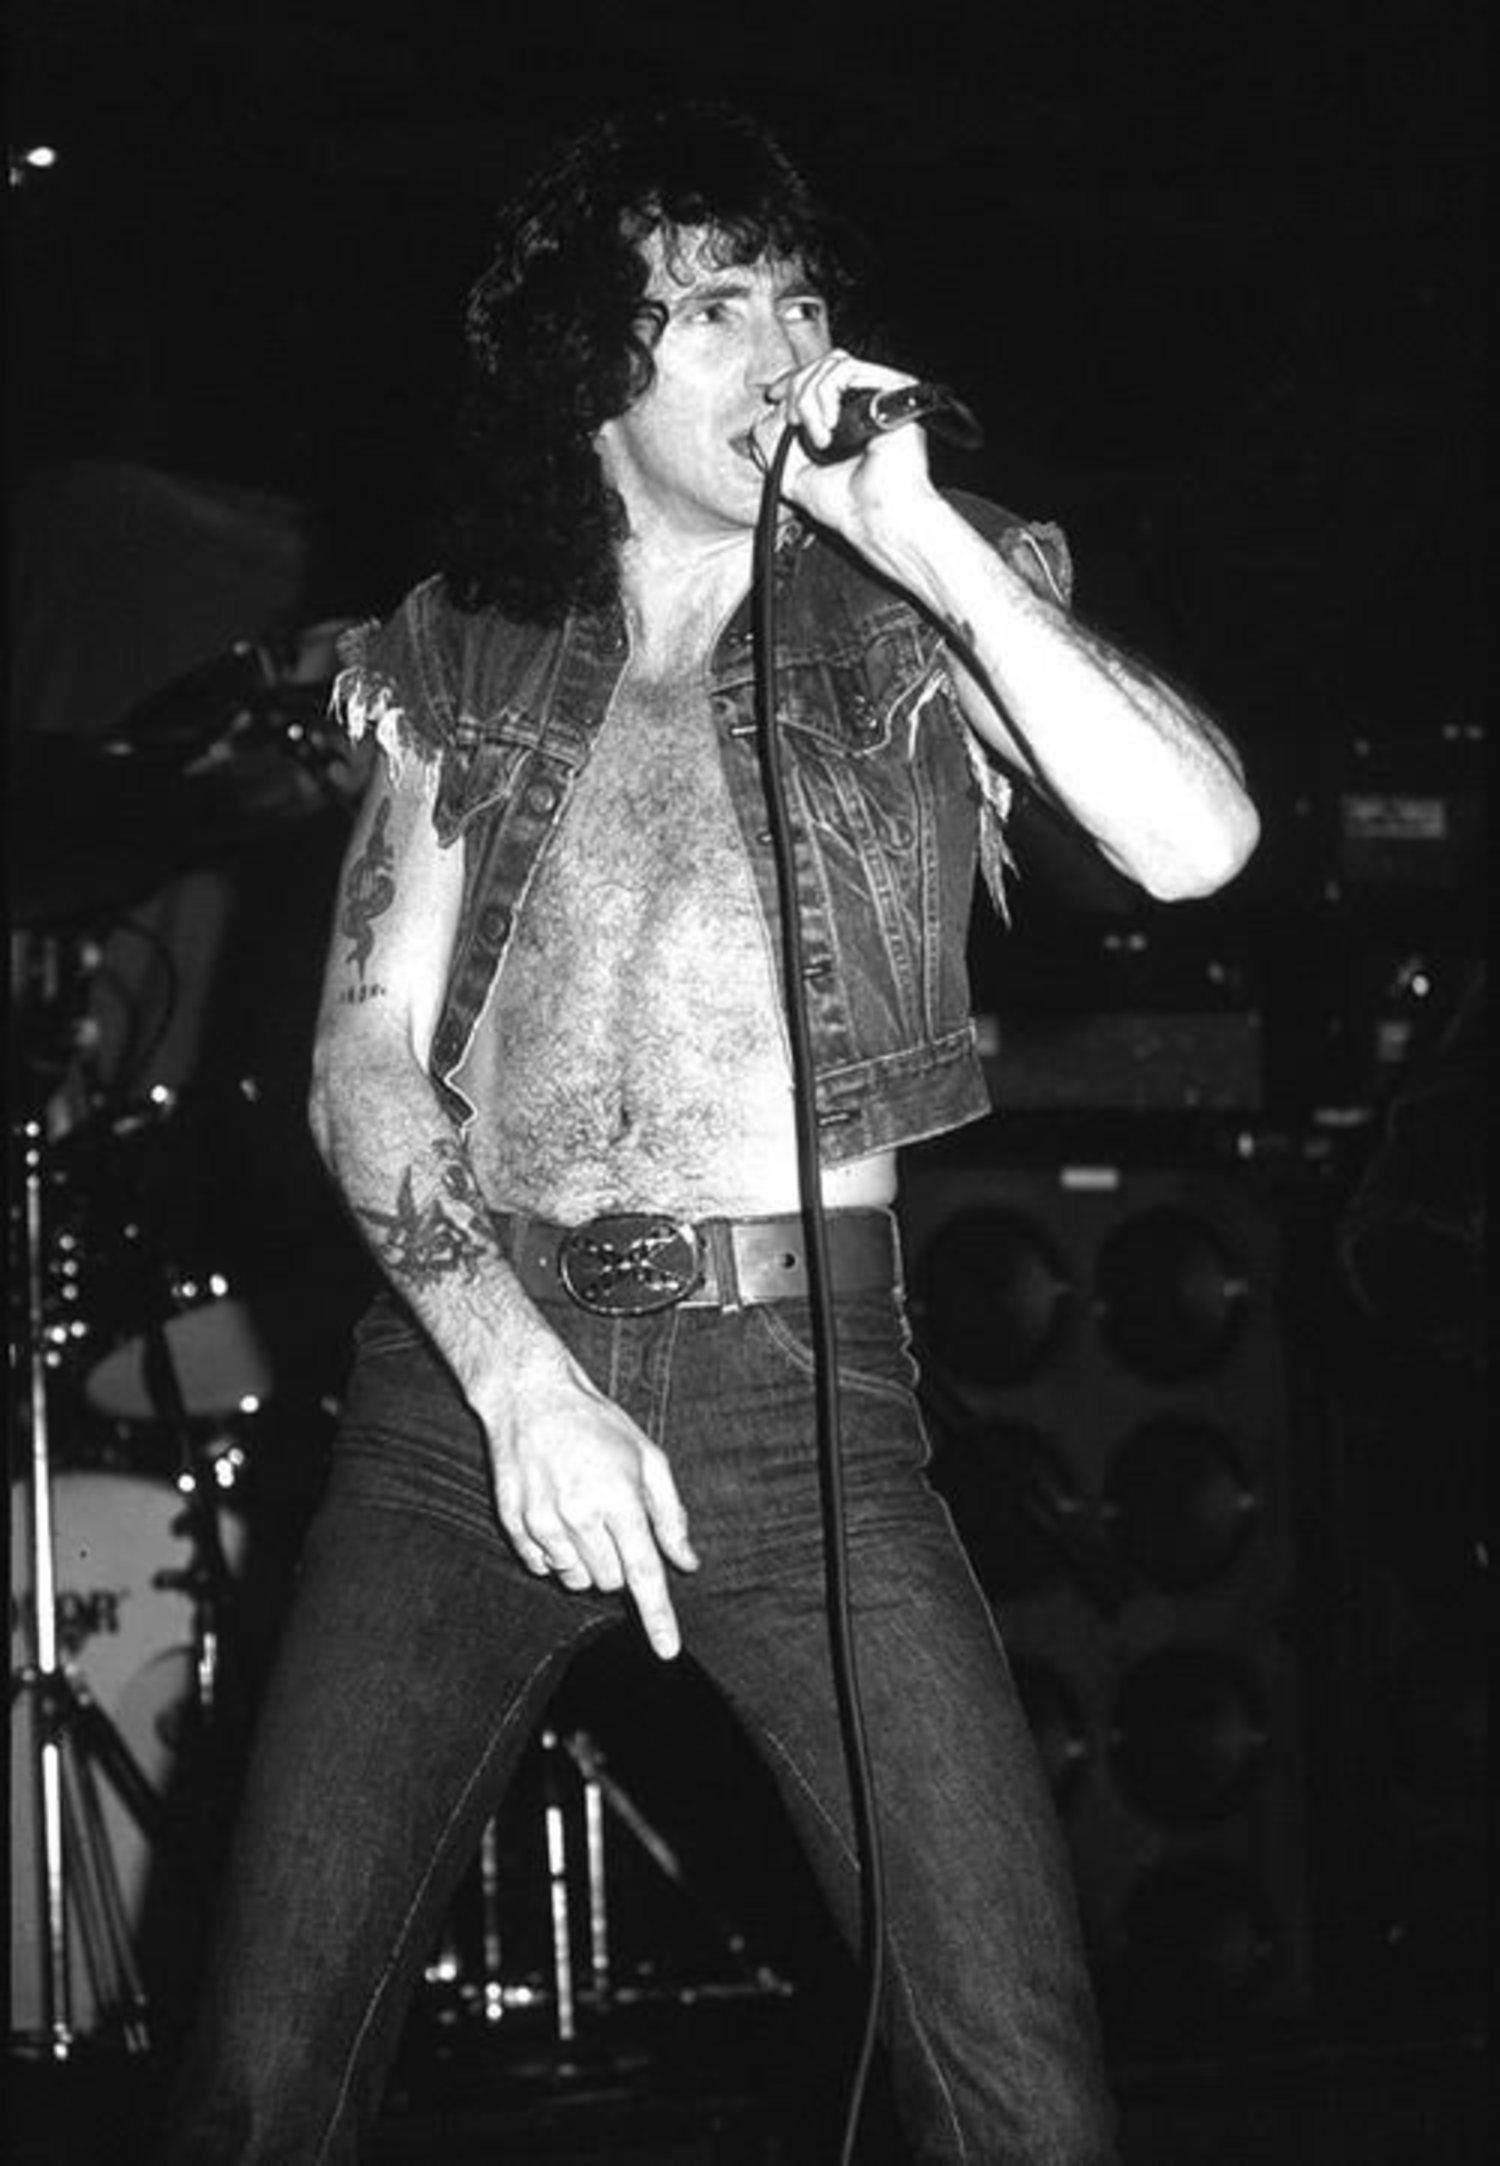 Bon Scott murió 5 meses después del lanzamiento de 'Highway To Hell', tras una noche de borrachera.